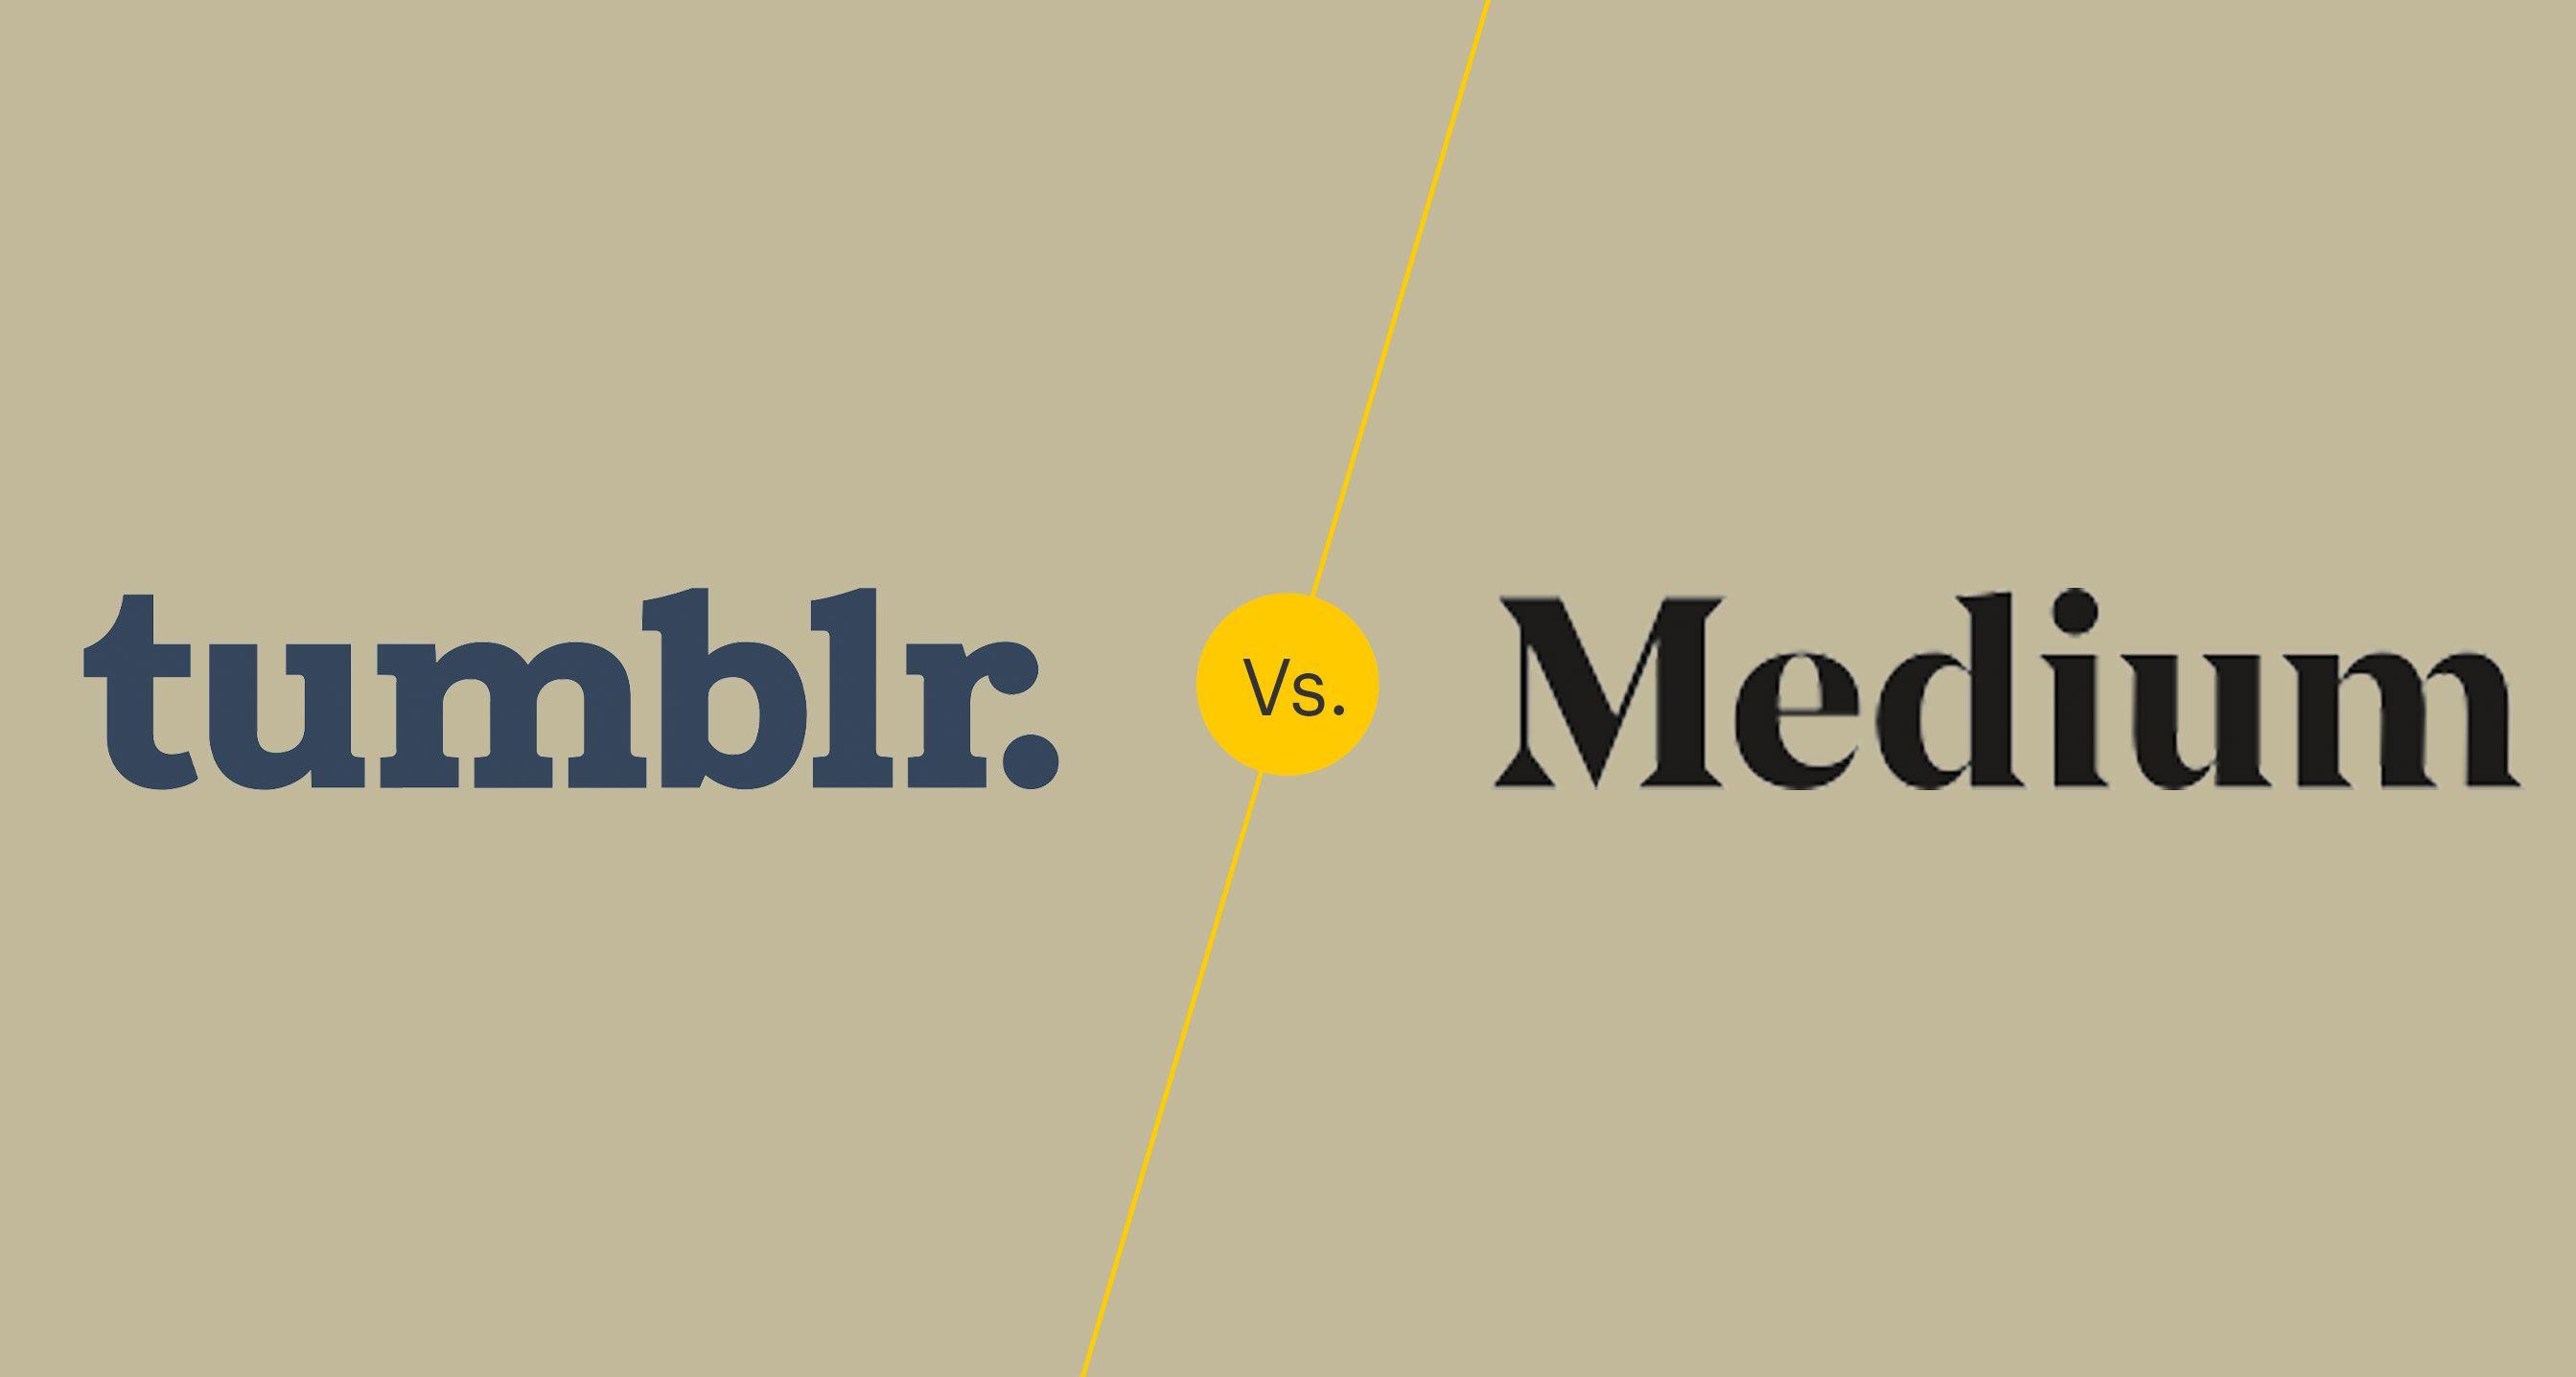 Tumblr vs Medium